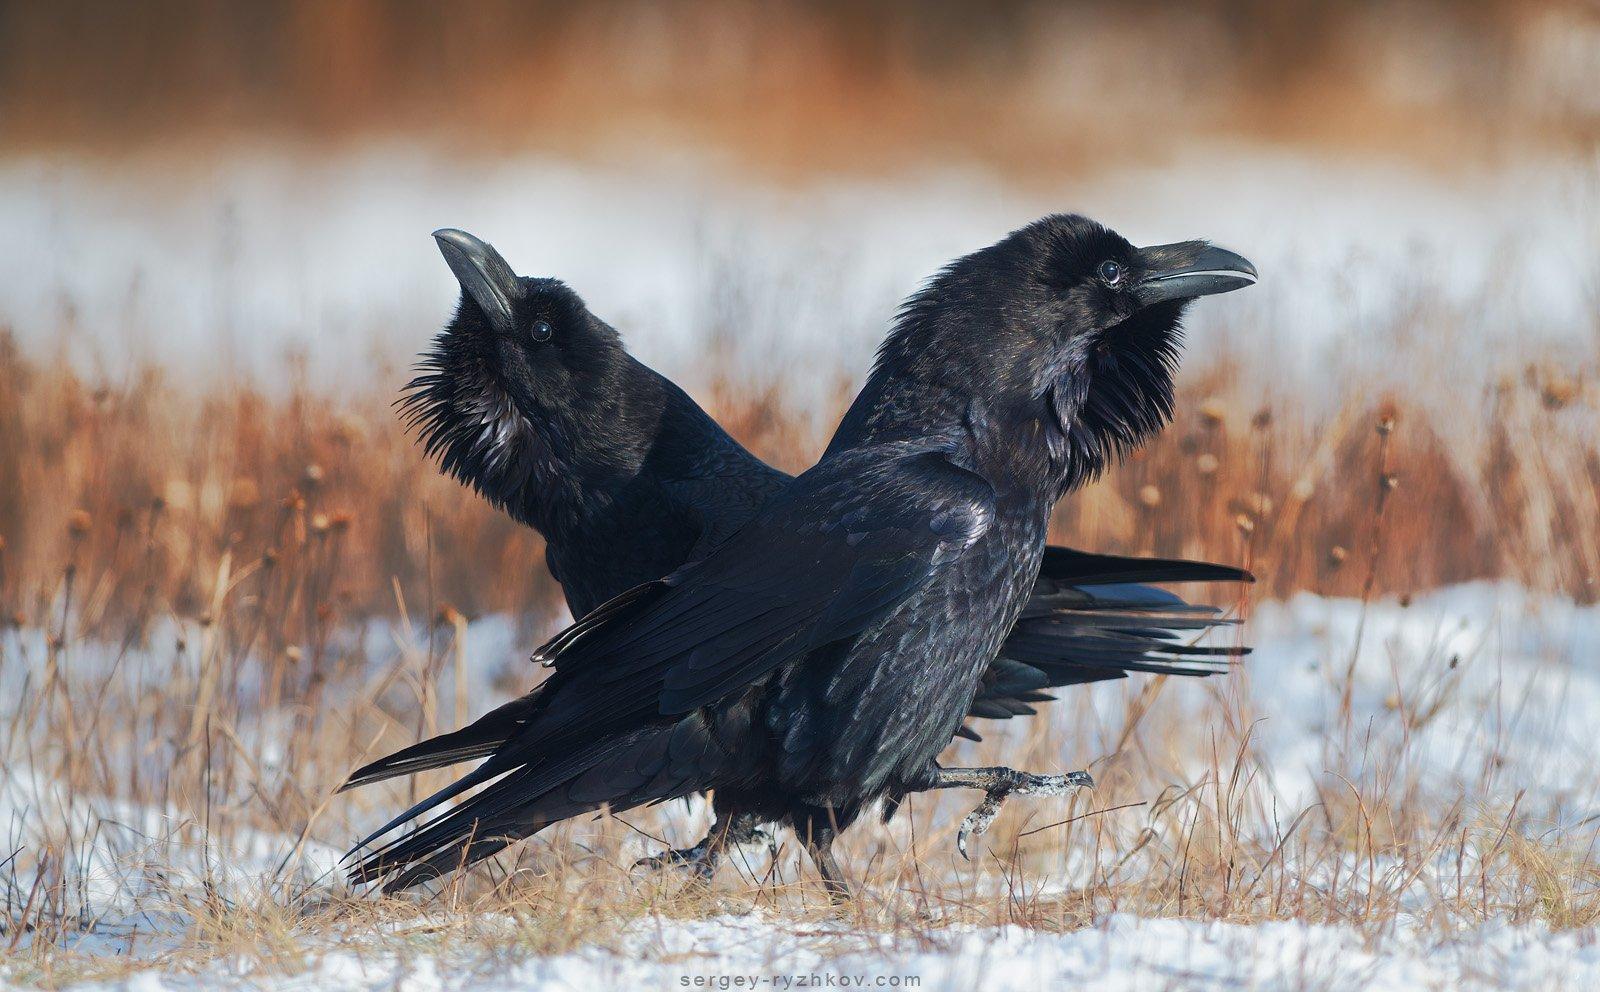 ворон, птицы, животные, природа, raven, bird, wildlife, Сергей Рыжков